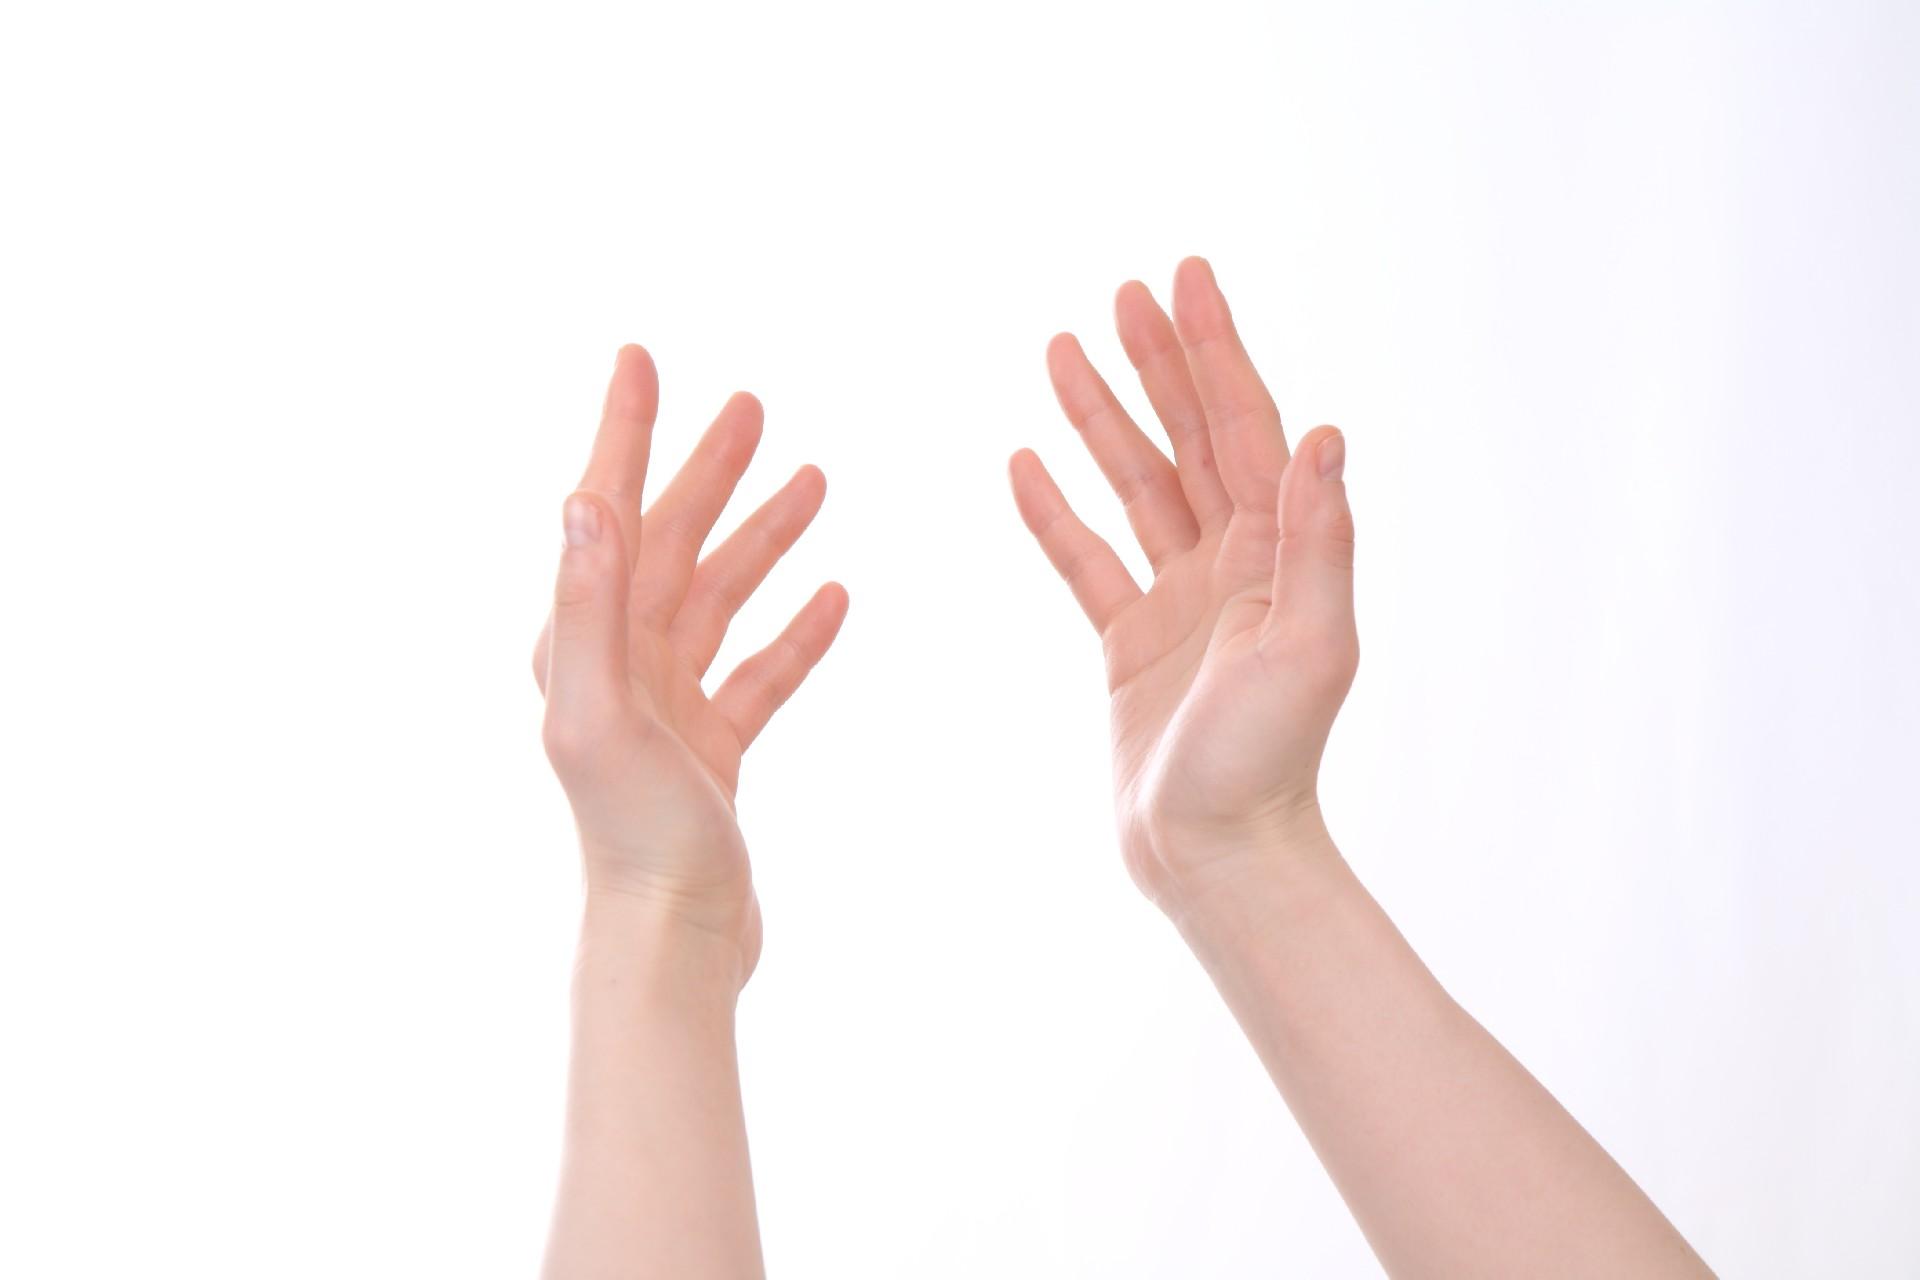 指の間 かゆい